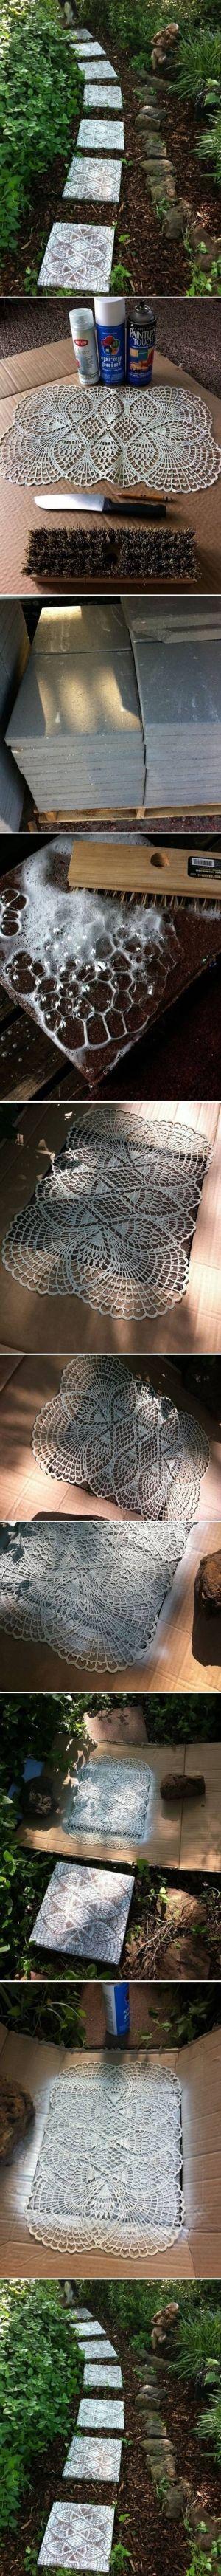 DIY Lace Jako odrazový můstek DIY krajka Jako Stepping Stones by catrulz